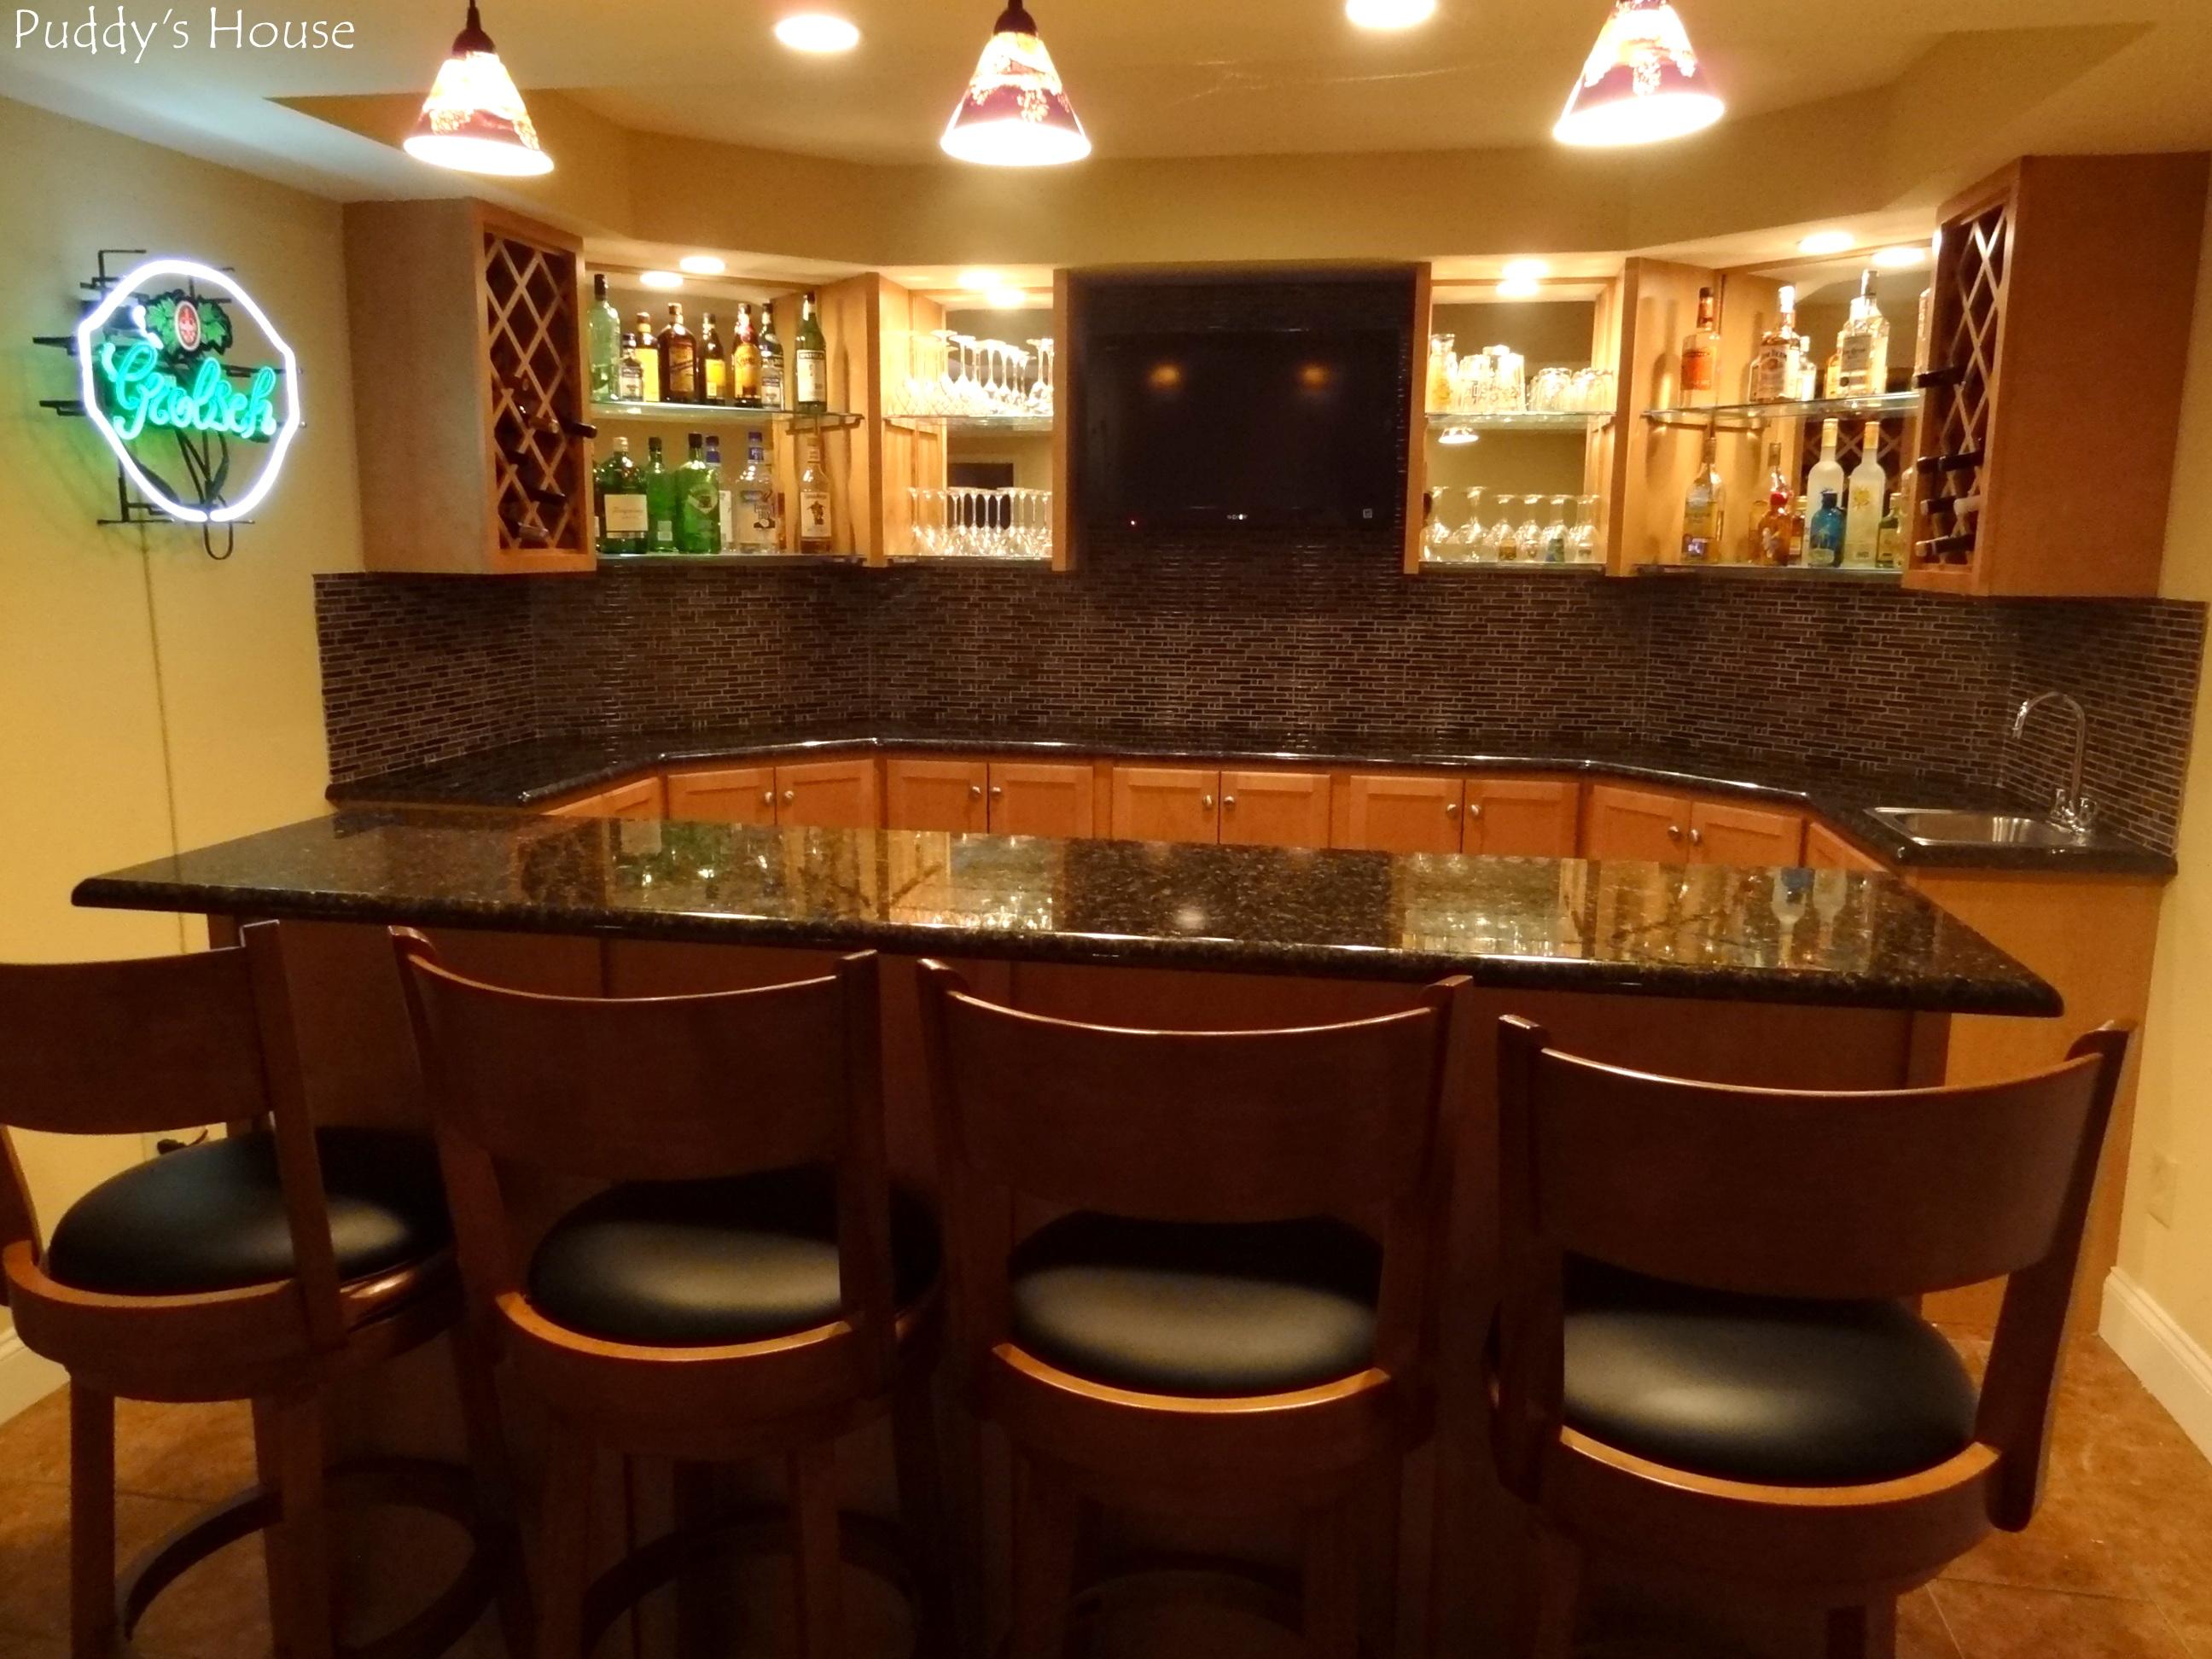 Basement Bar DIY Backsplash  Puddys House - Diy basement bars